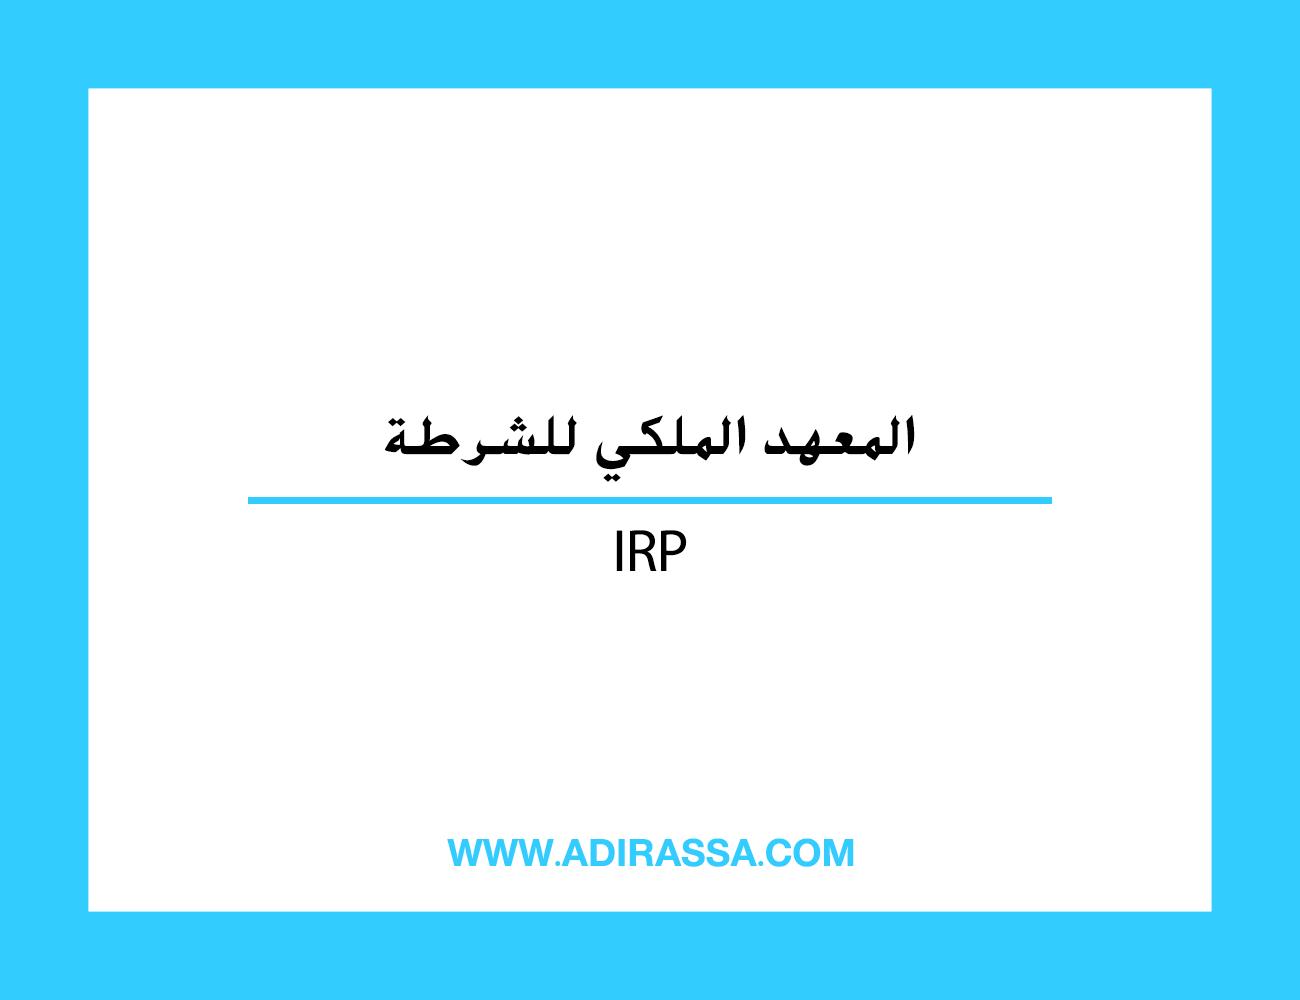 المعهد الملكي للشرطة Institut Royal de Policeمؤسسة إدارة الأمن الوطني